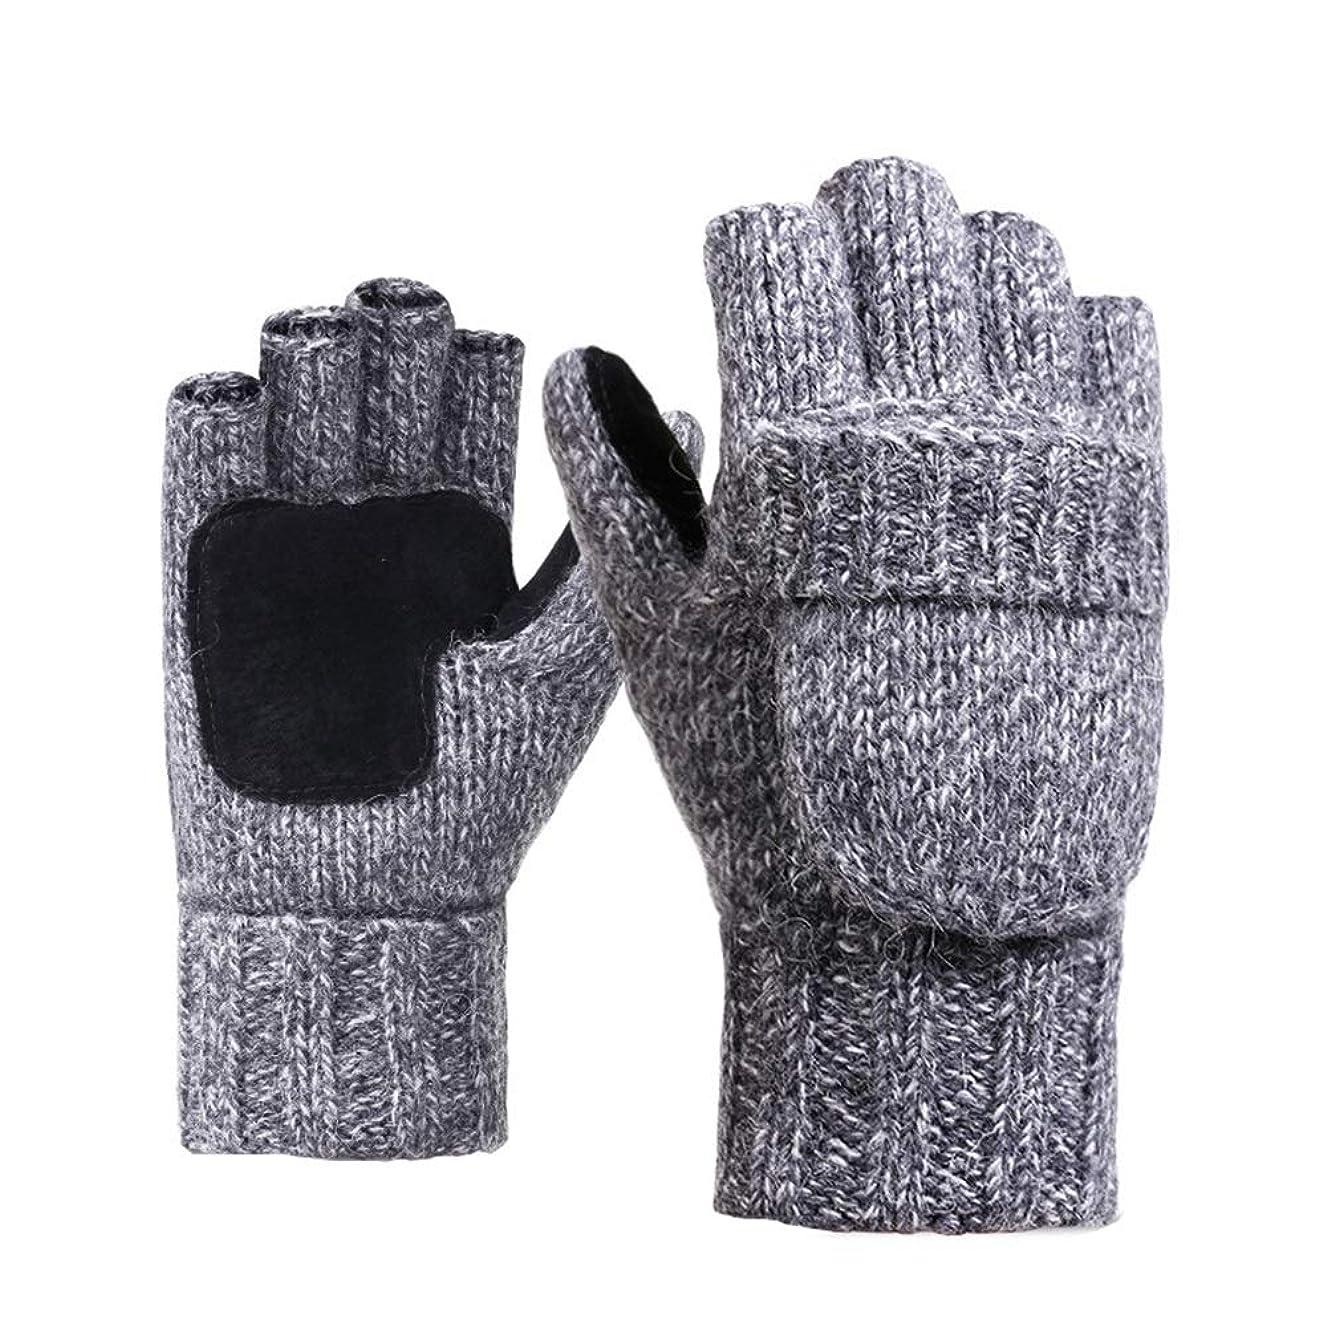 部屋を掃除するバイバイ矢じり半指フリップぬいぐるみ手袋男性のニット冬の女性とベルベットは、暖かい手袋を乗る